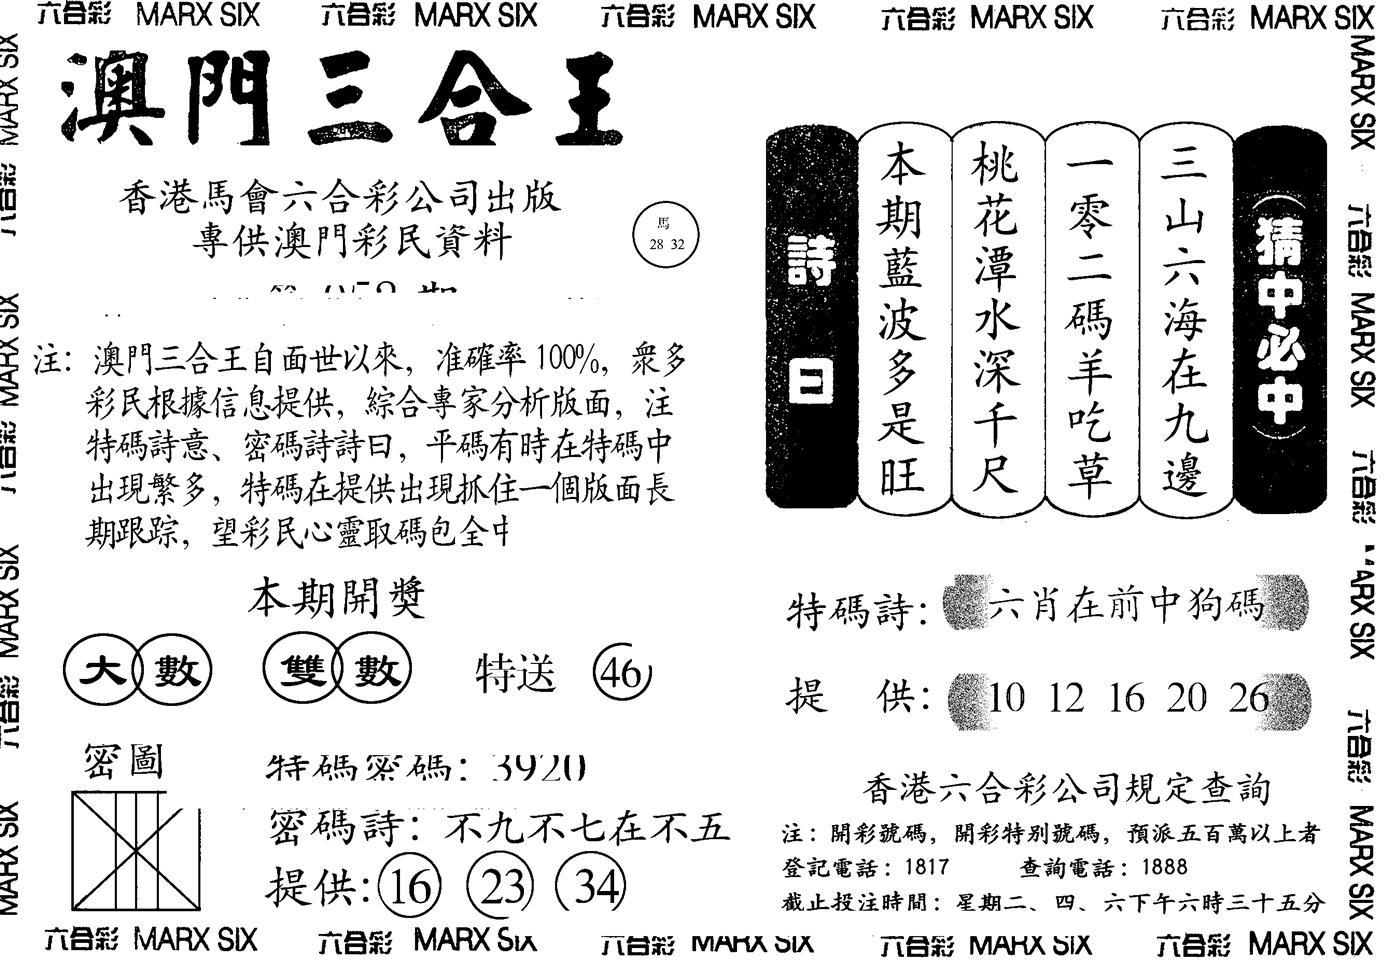 052期另澳门三合王A(黑白)